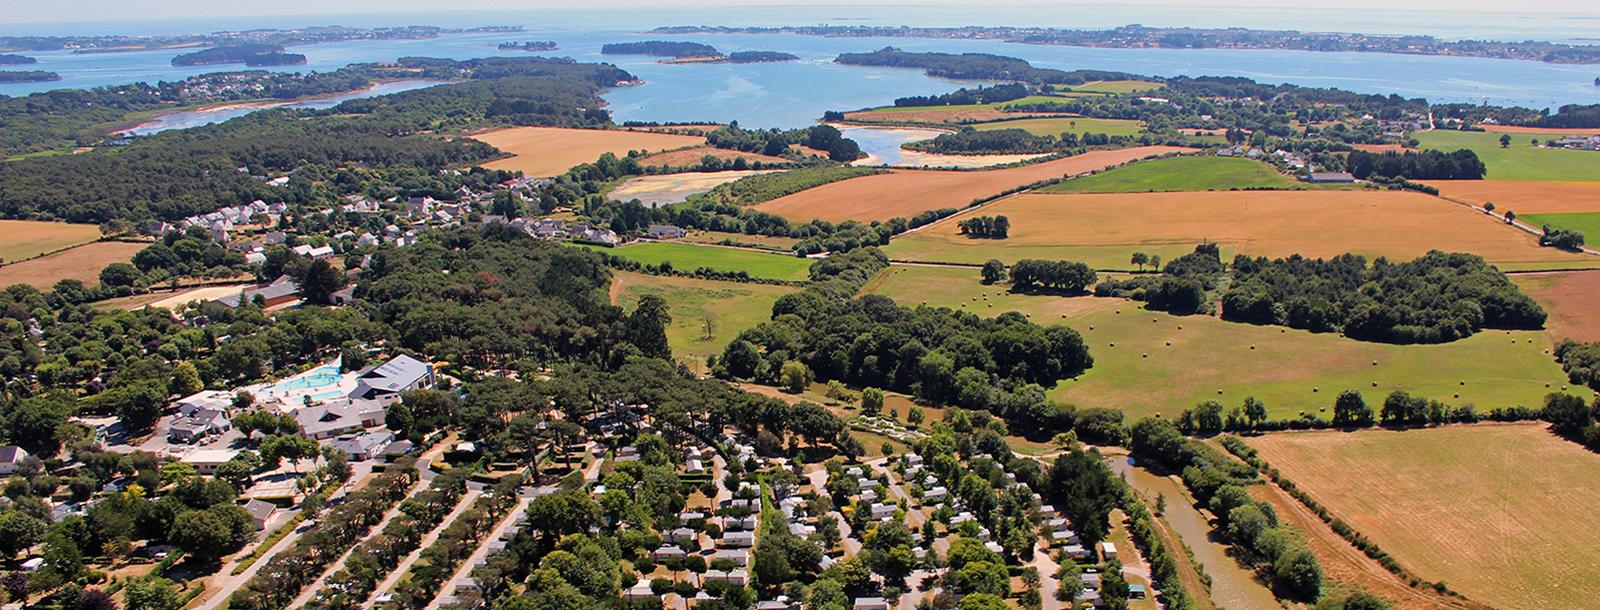 Dans le Golfe du Morbihan, à 1km de la mer, 3km des plages